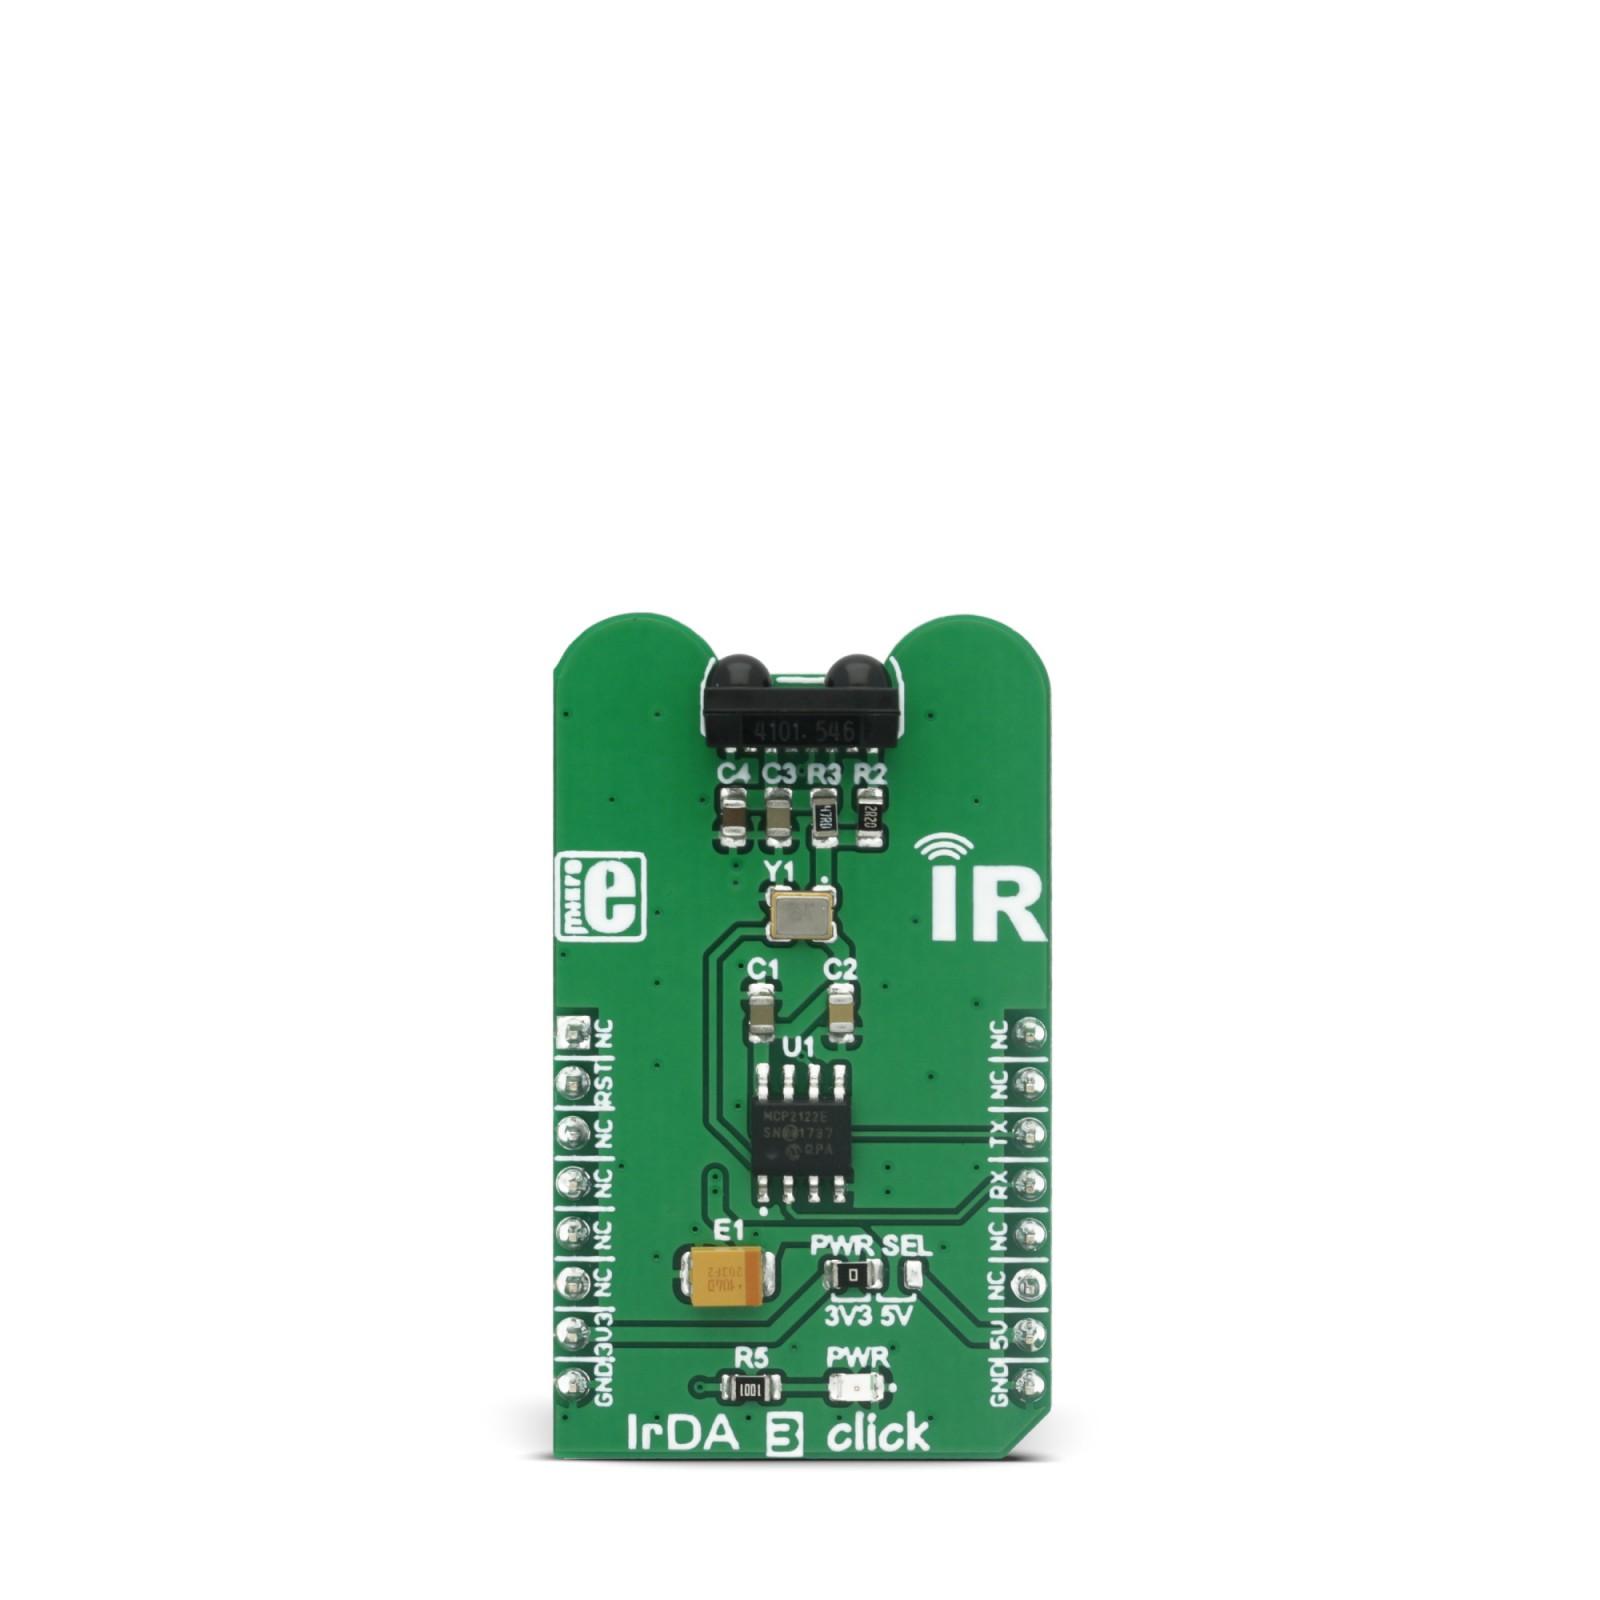 Irda 3 Click Mikroelektronika Circuit Diagram Nc Mgctlbxnmzp Mgctlbxv5112 Mgctlbxlc Mgctlbxpprestashop